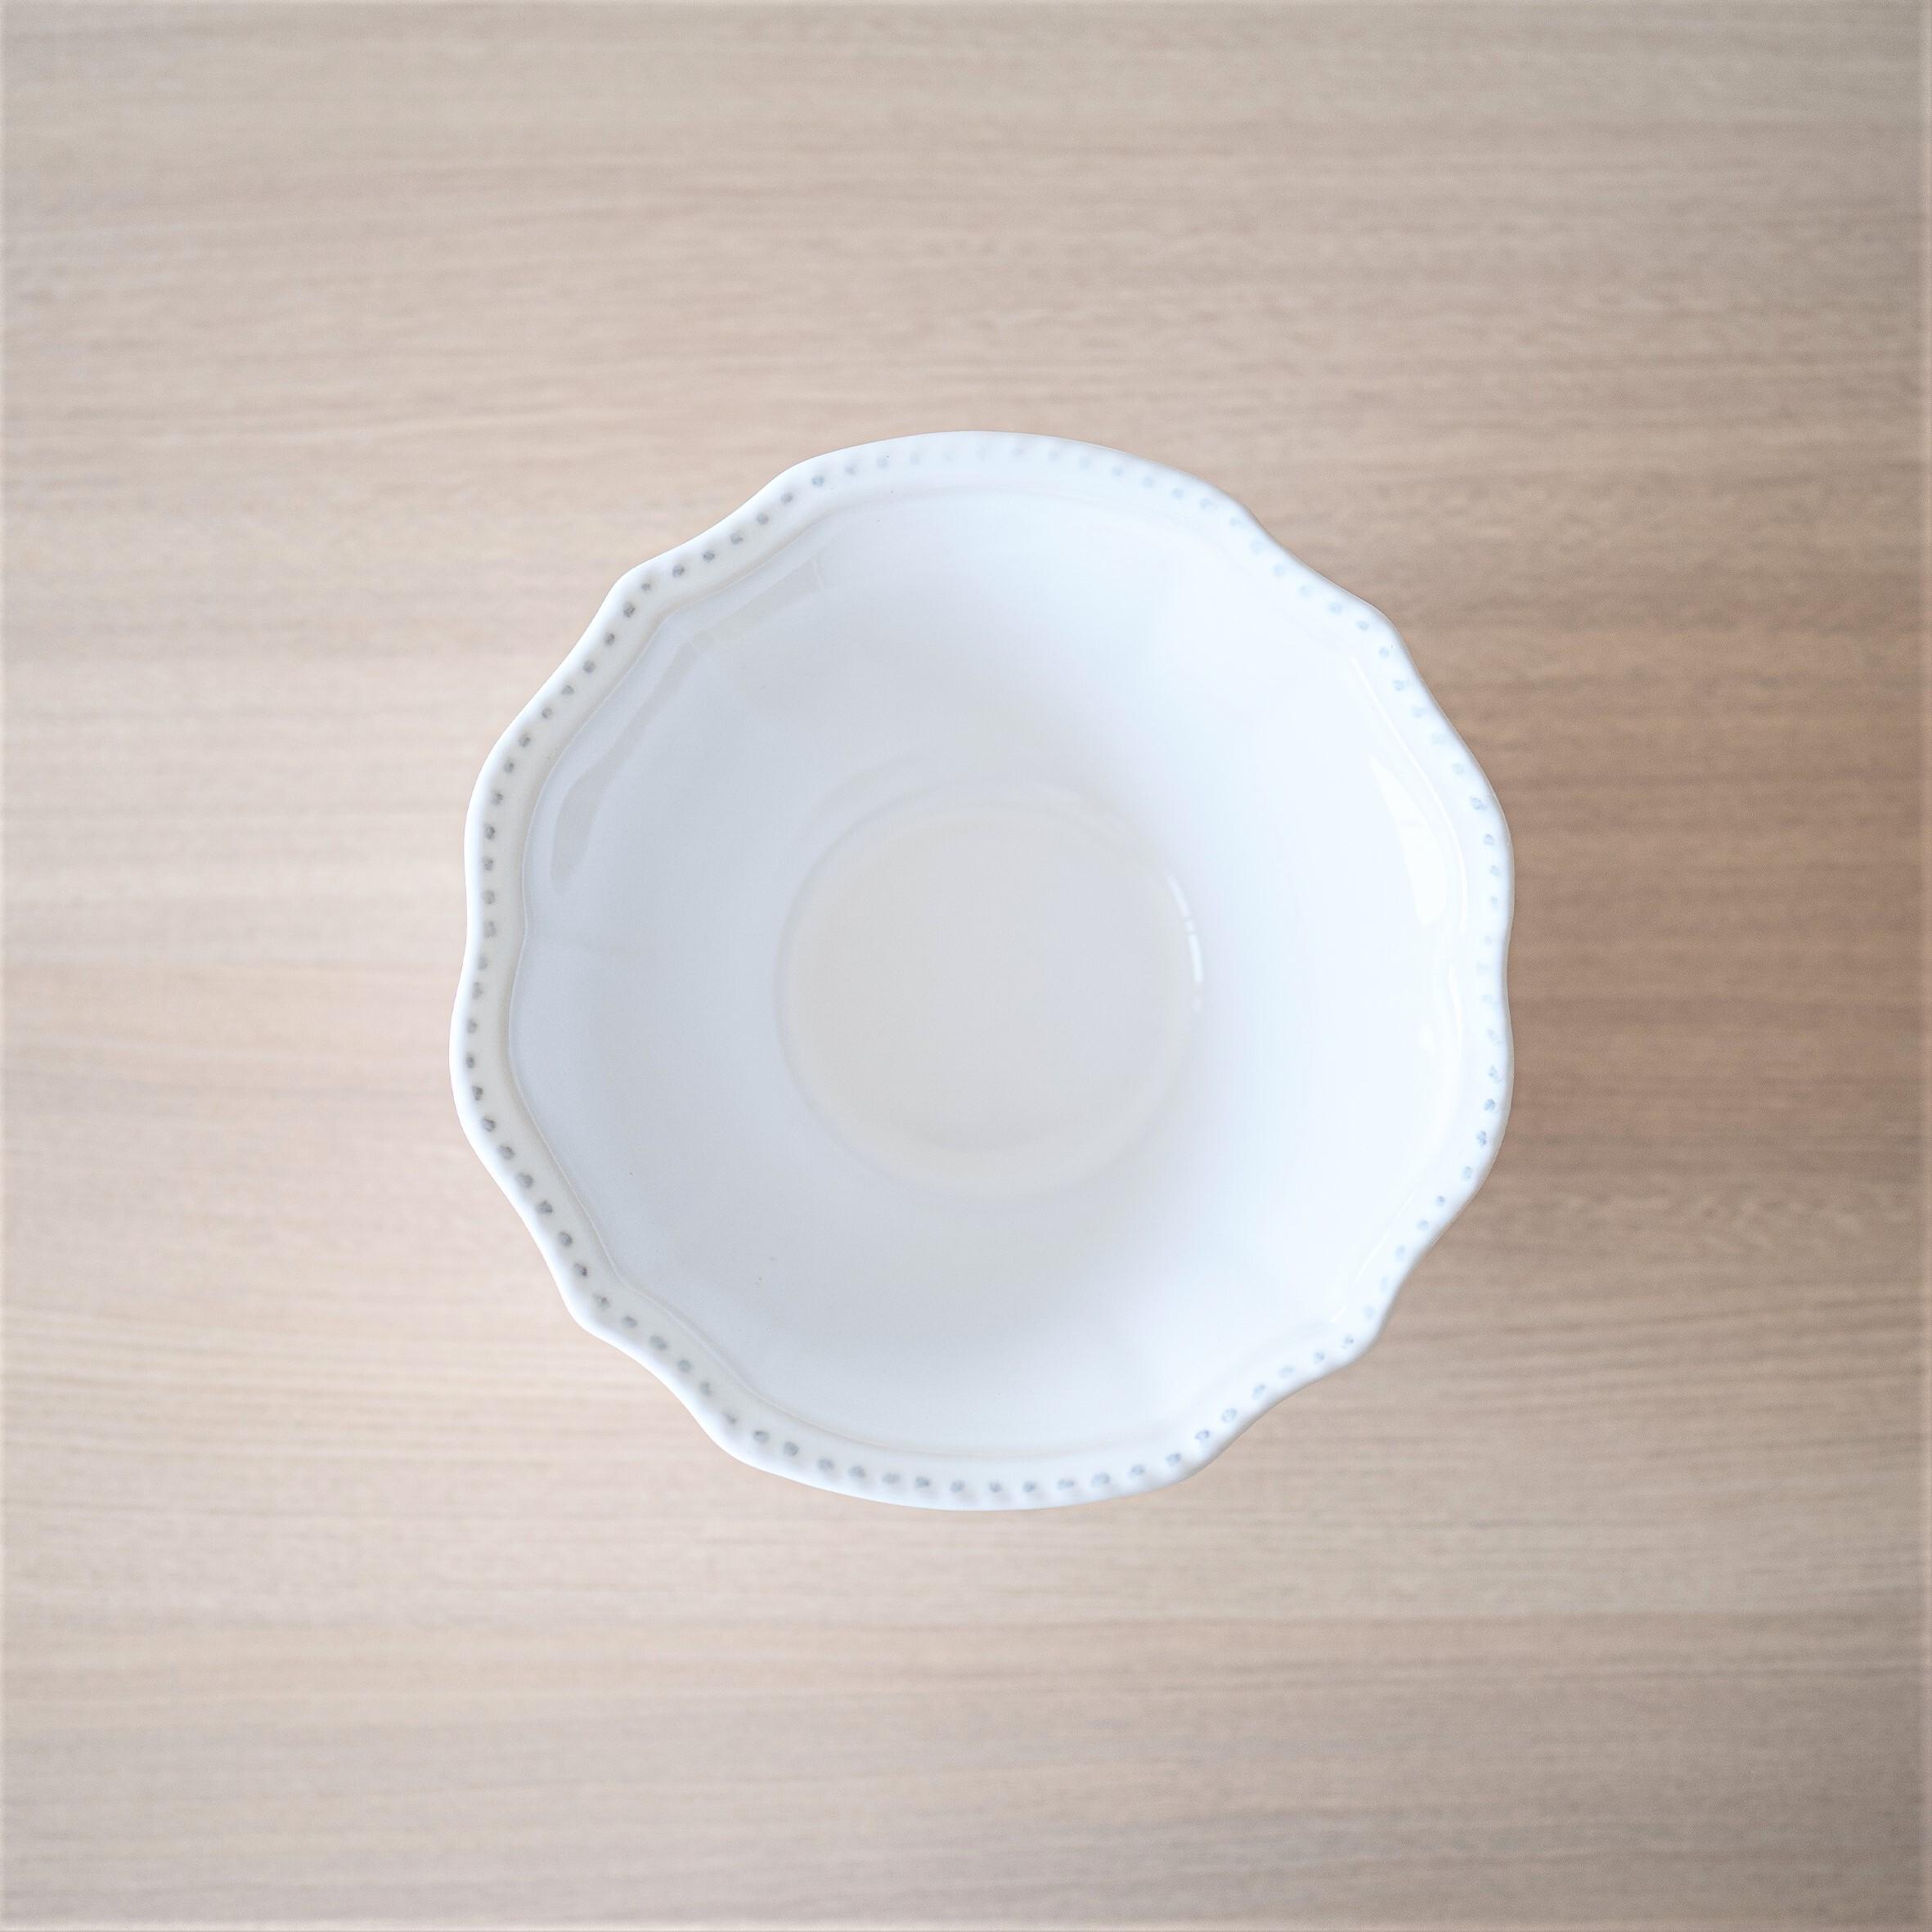 ホワイト レイラボウル (Leila Individual Bowl)